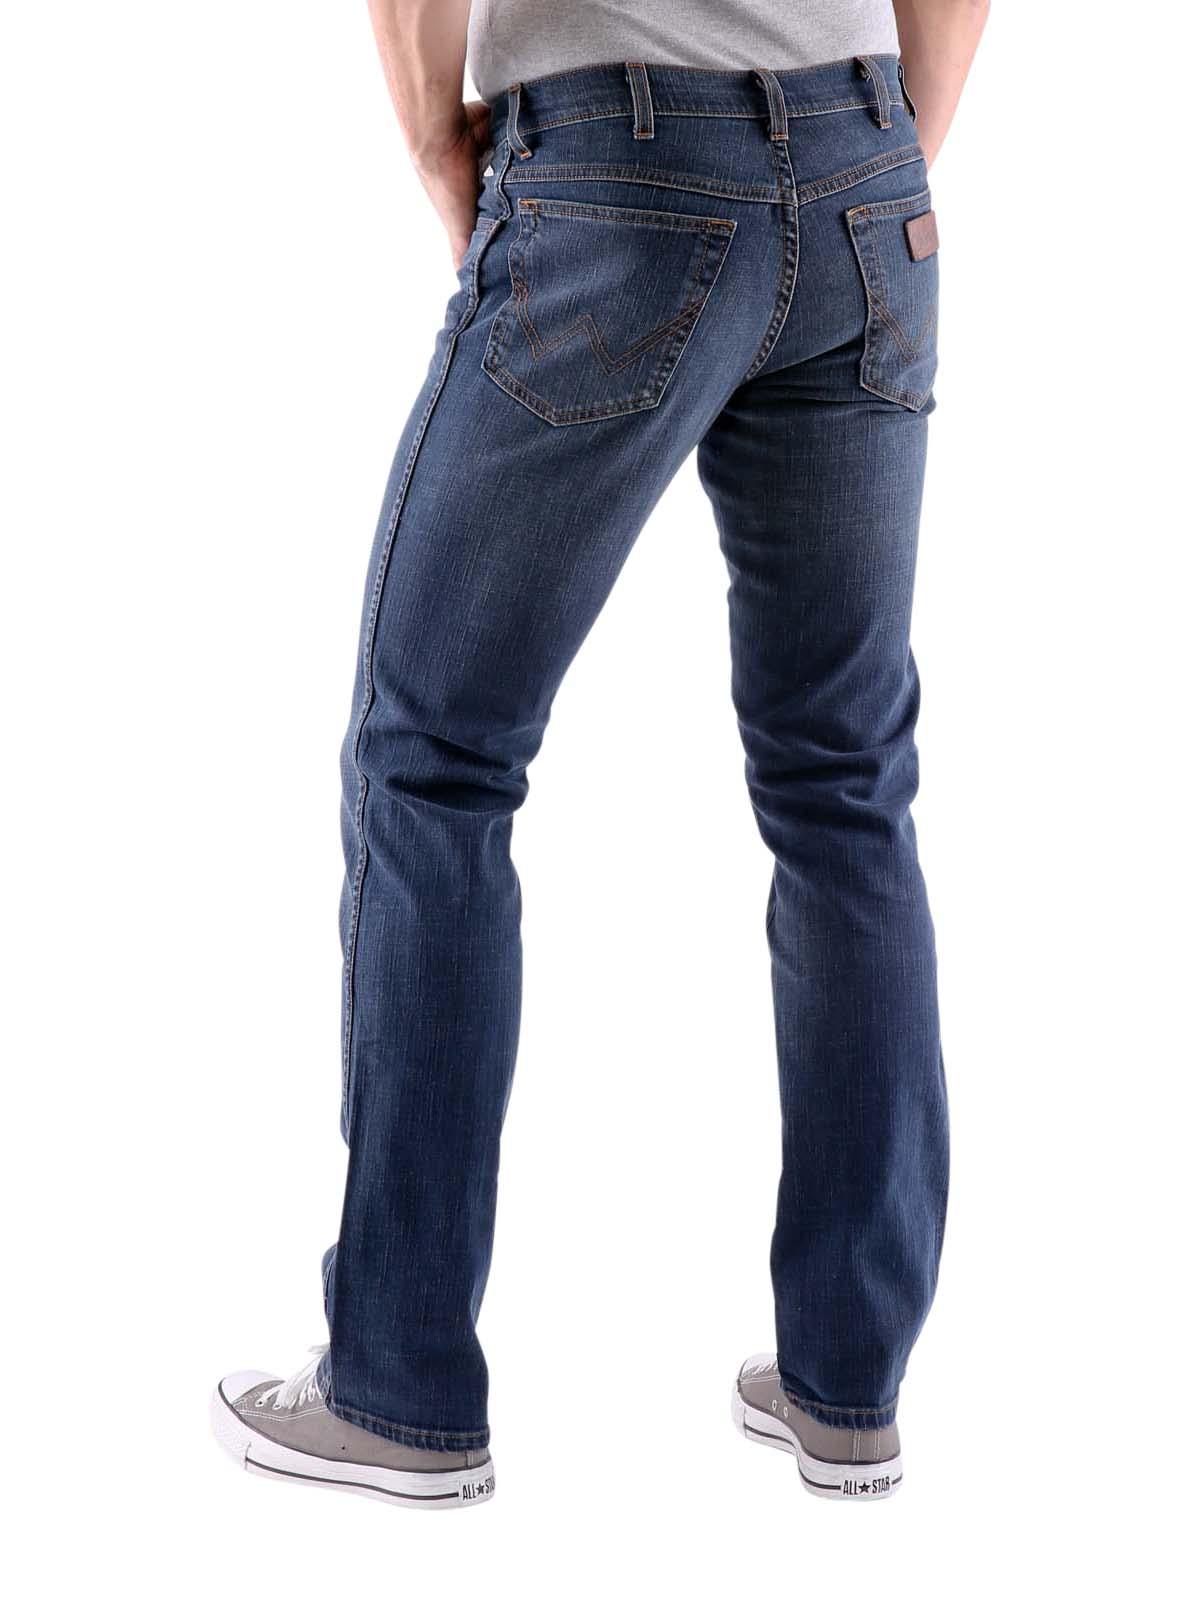 wrangler texas stretch jeans vintage tint wrangler men 39 s. Black Bedroom Furniture Sets. Home Design Ideas